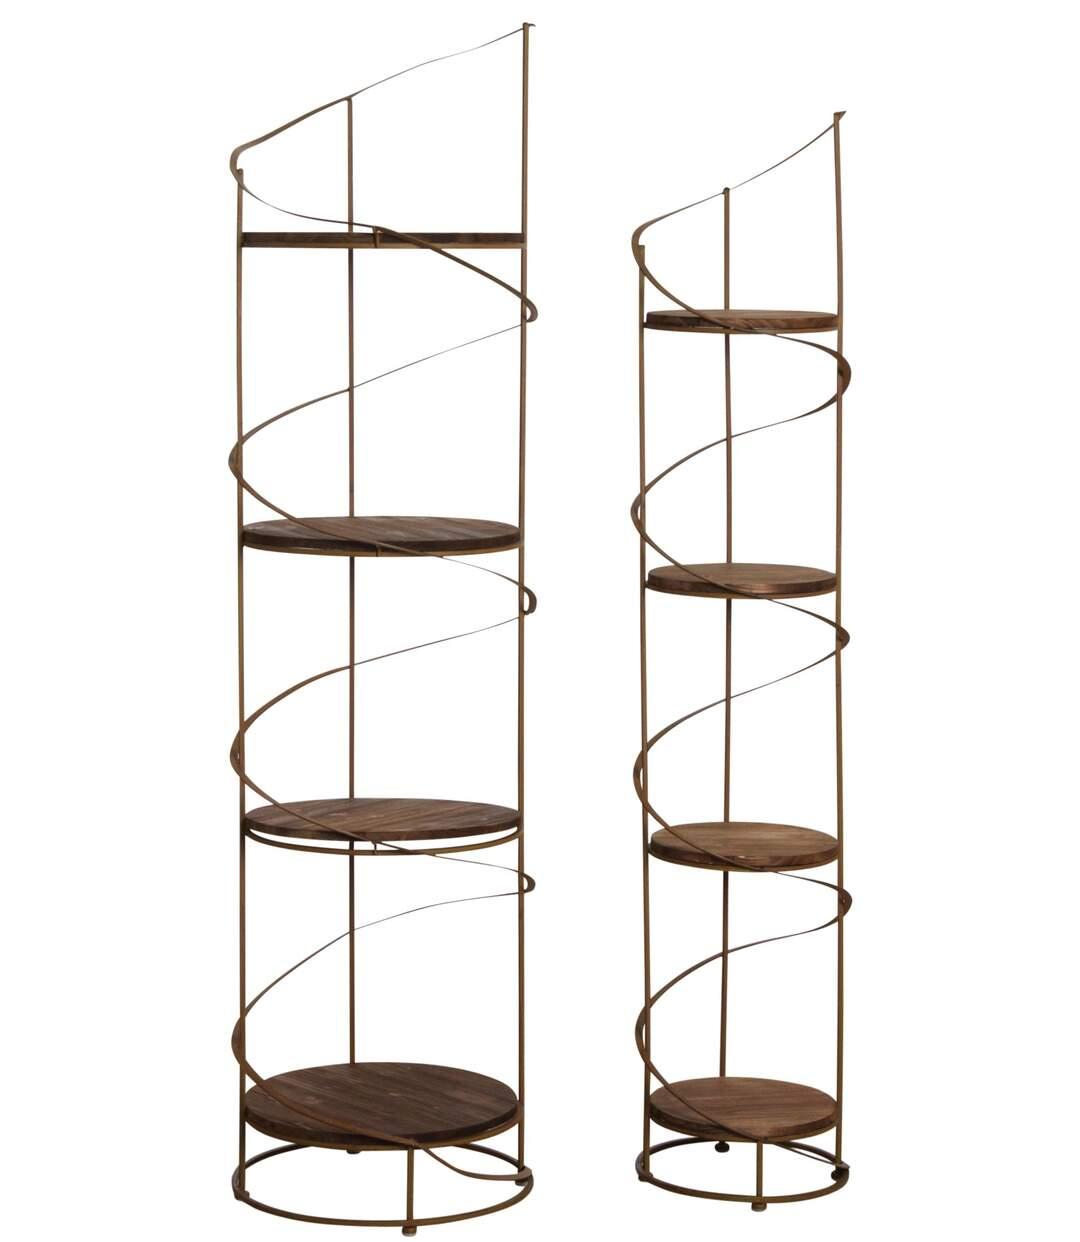 Étagère ronde en bois et métal (Lot de 2)